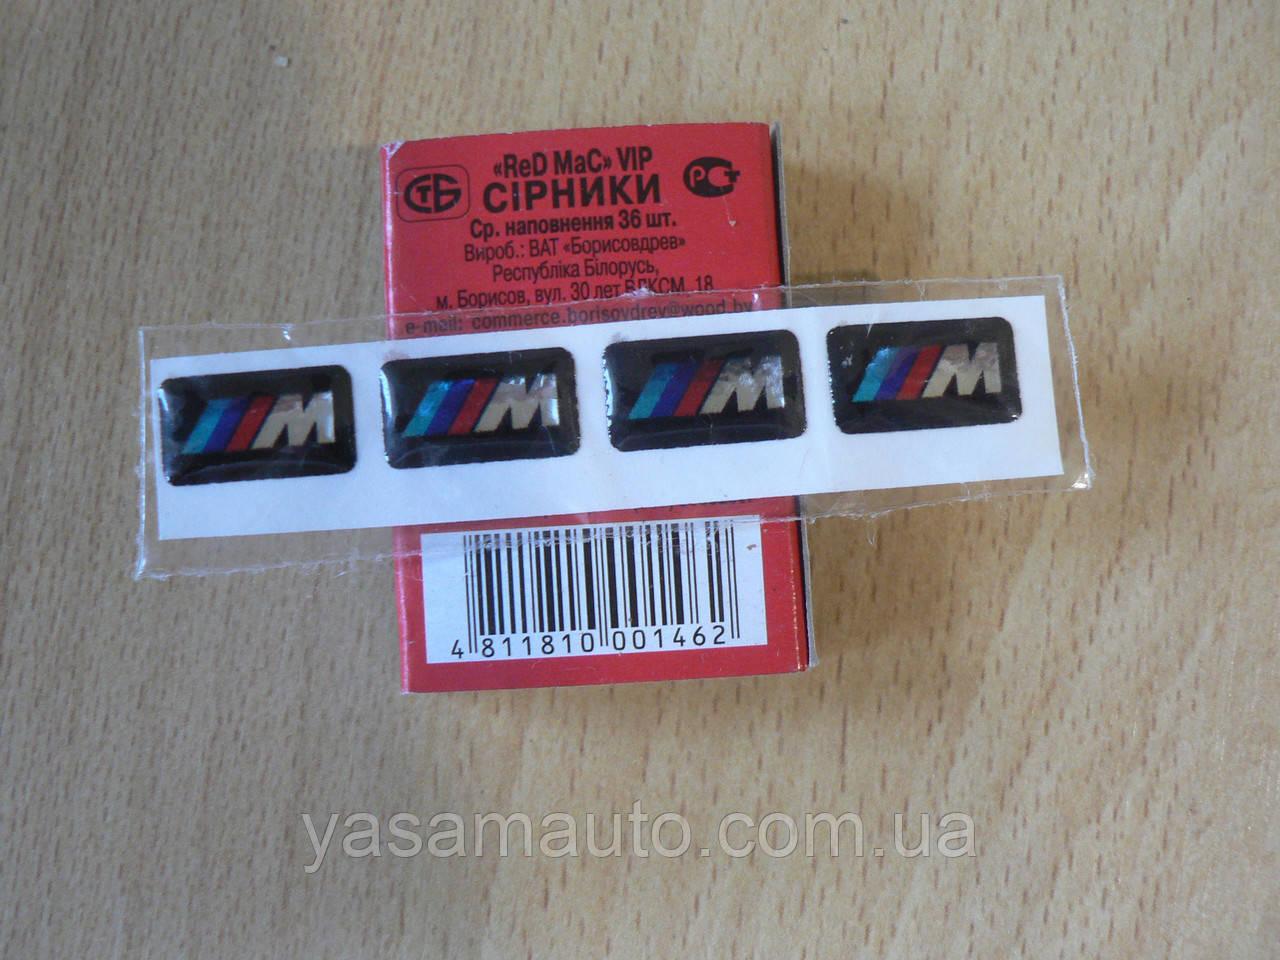 Наклейка s силиконовая надпись BMW 3M три полосы /// М набор 4шт размером 18х10х1мм каждая на авто БМВ